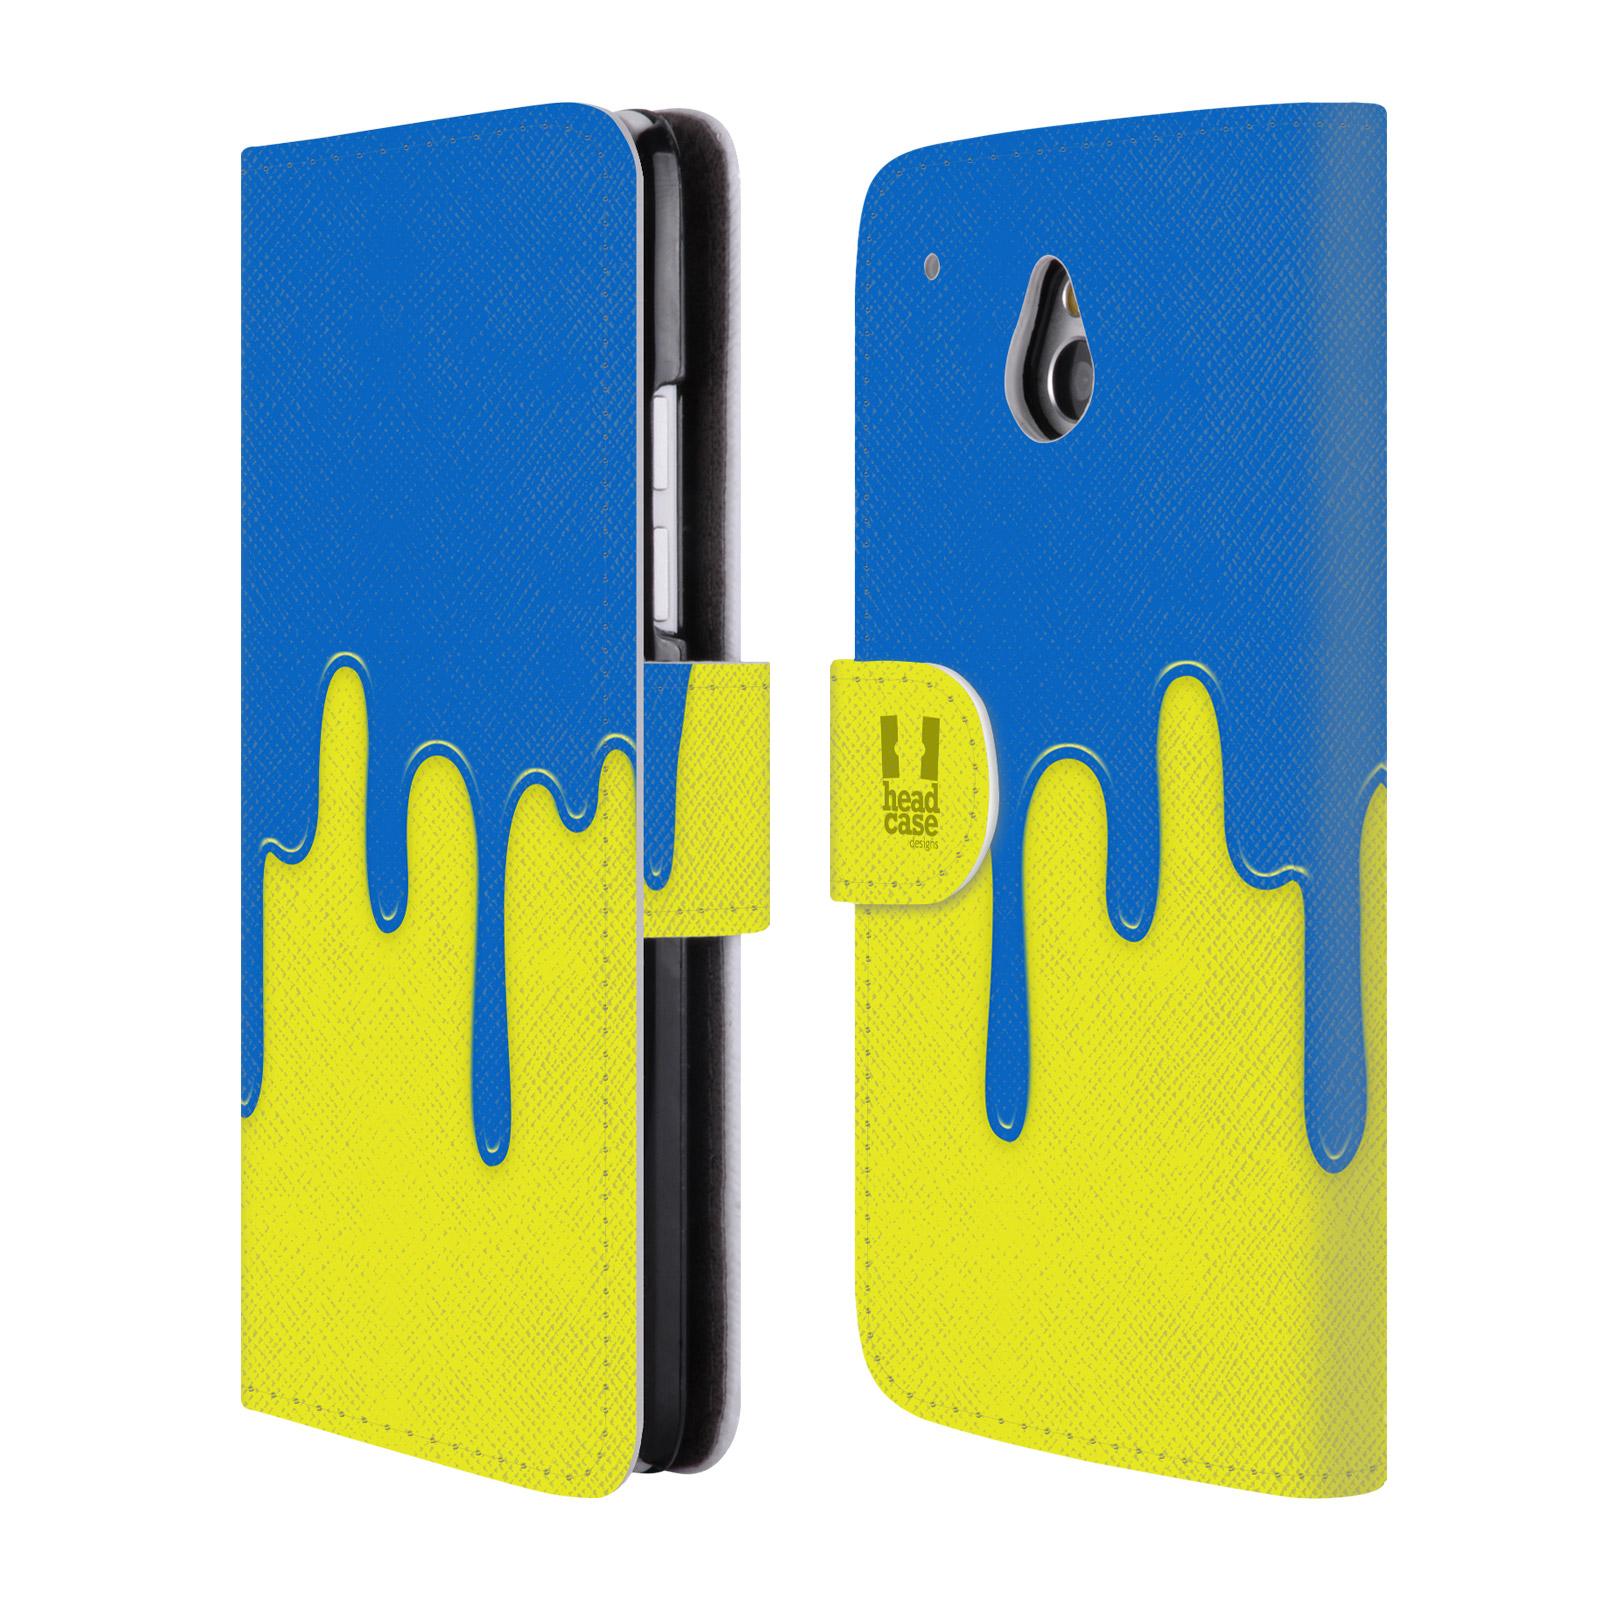 HEAD CASE Flipové pouzdro pro mobil HTC ONE MINI (M4) Rozlitá barva modrá a žlutá